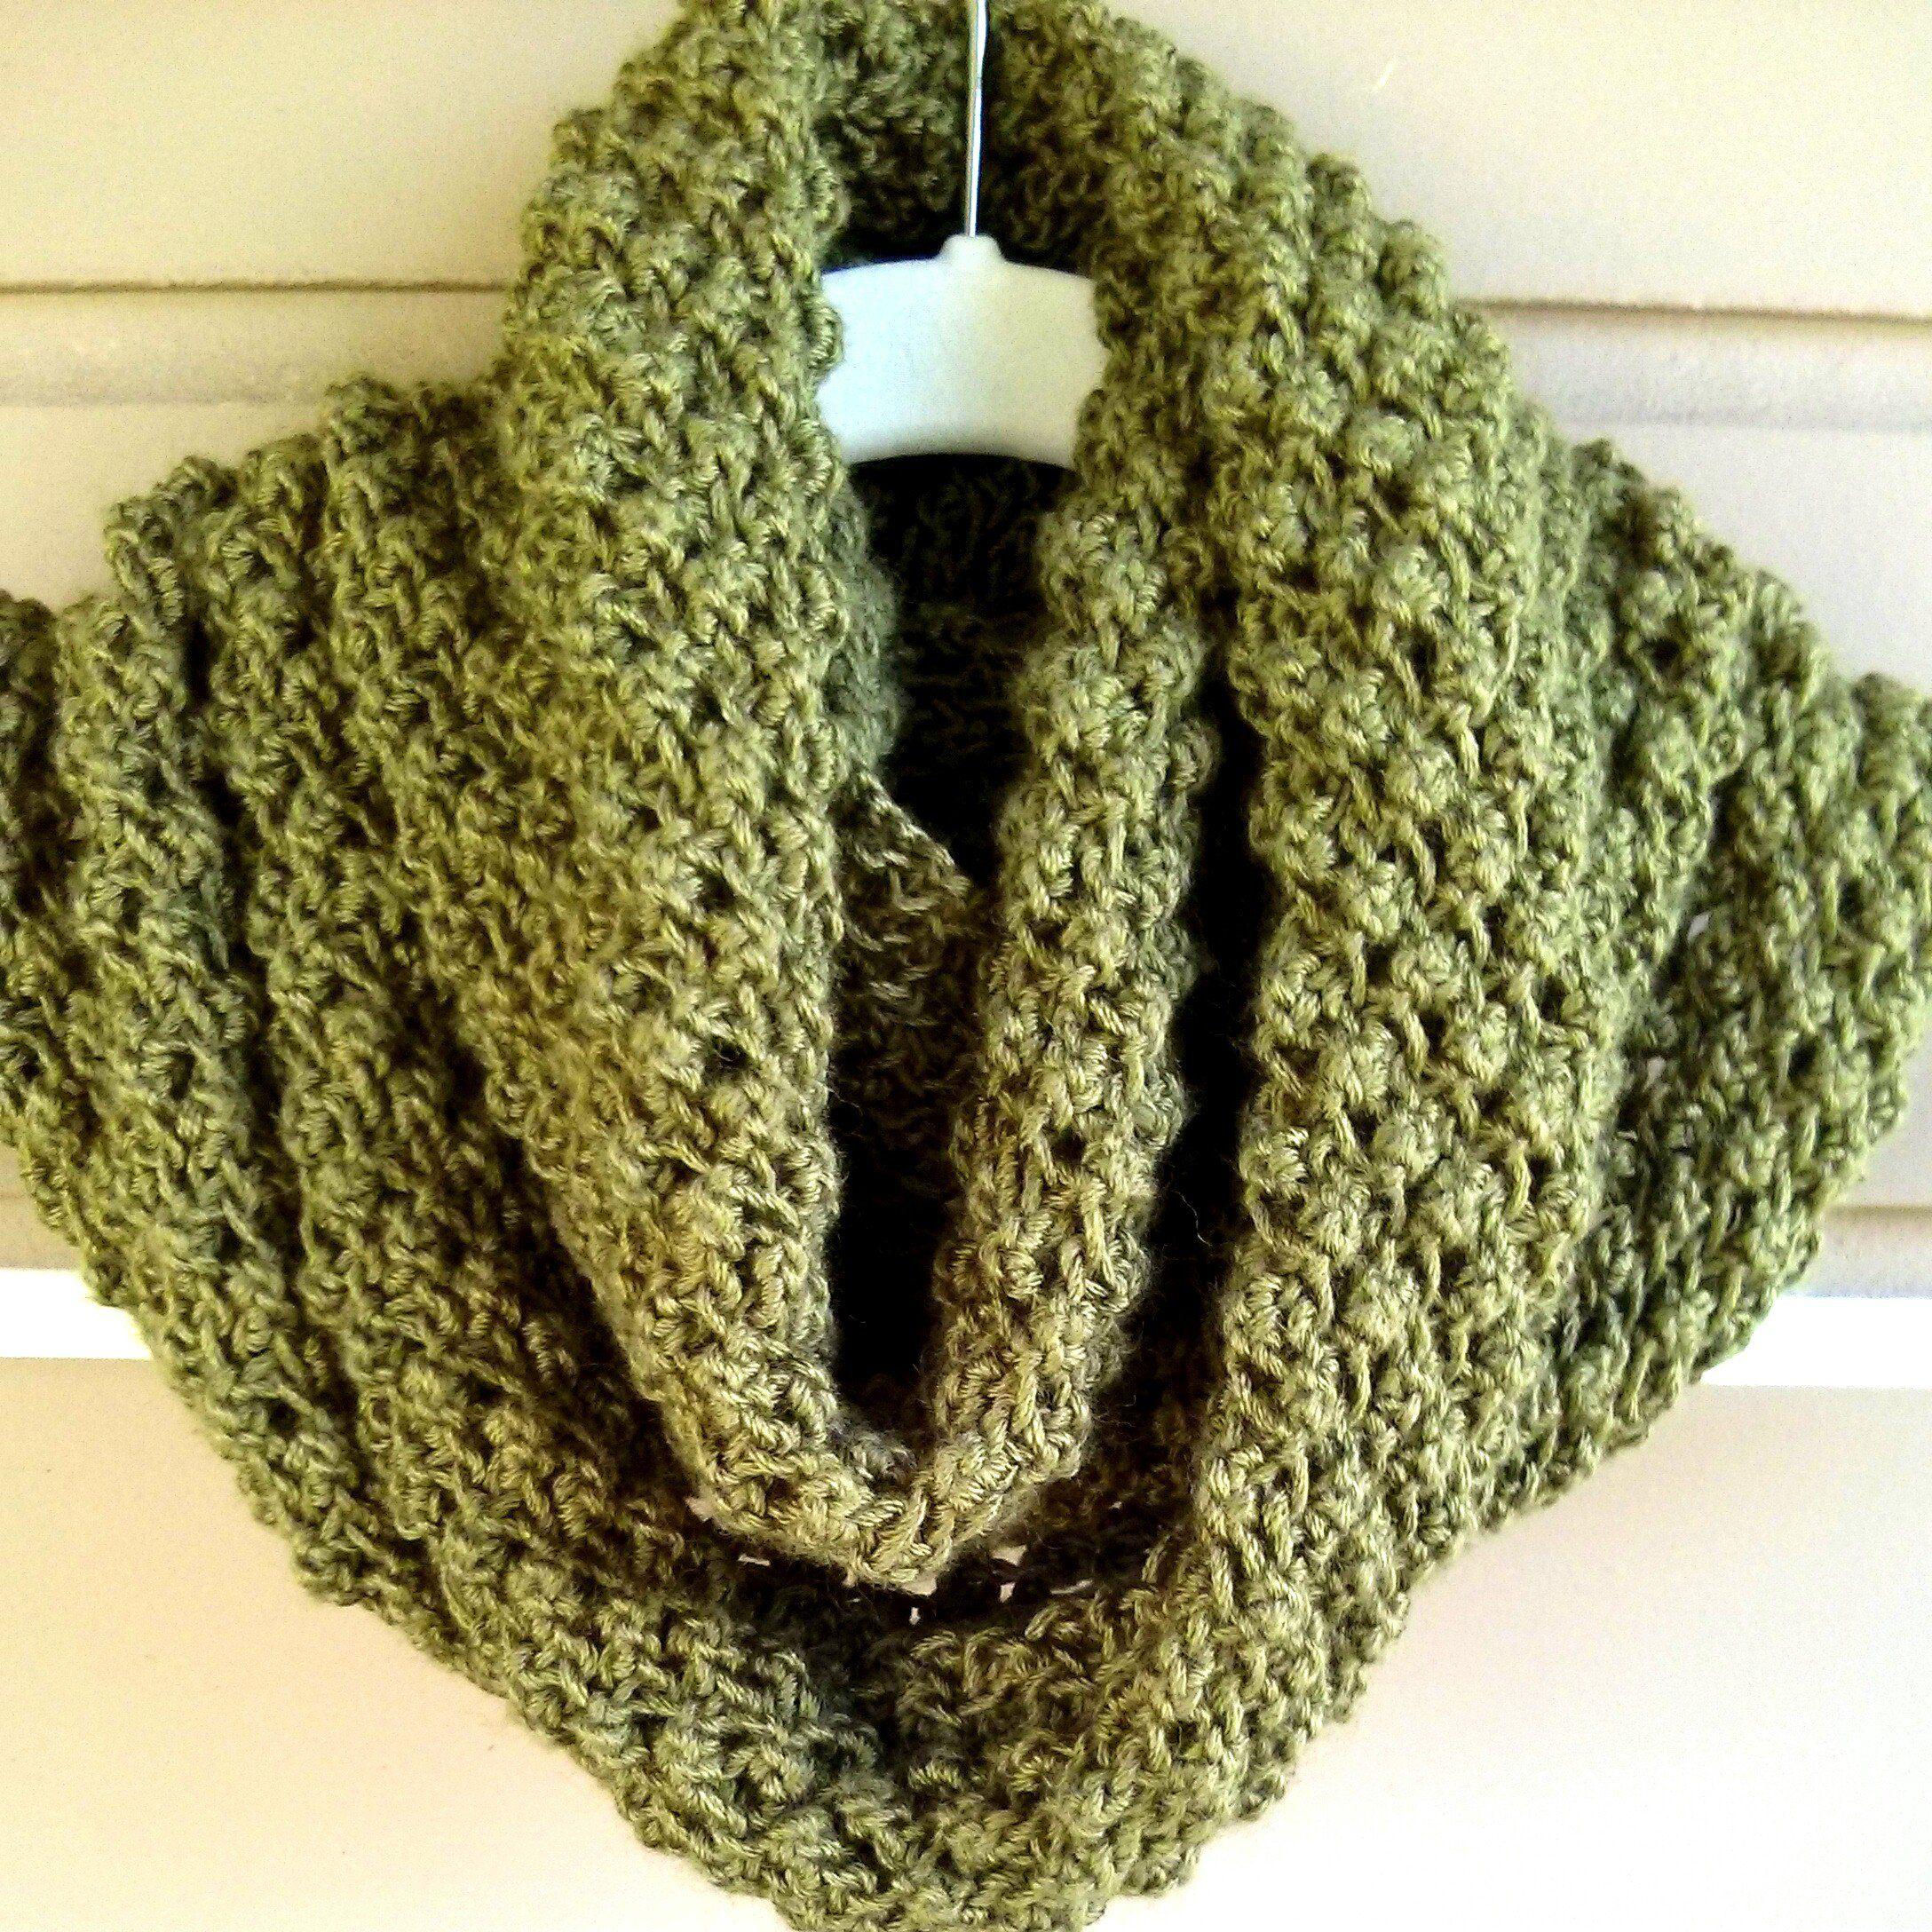 Free Pattern: Budding Infinity Scarf Pattern | Knitting Patterns ...